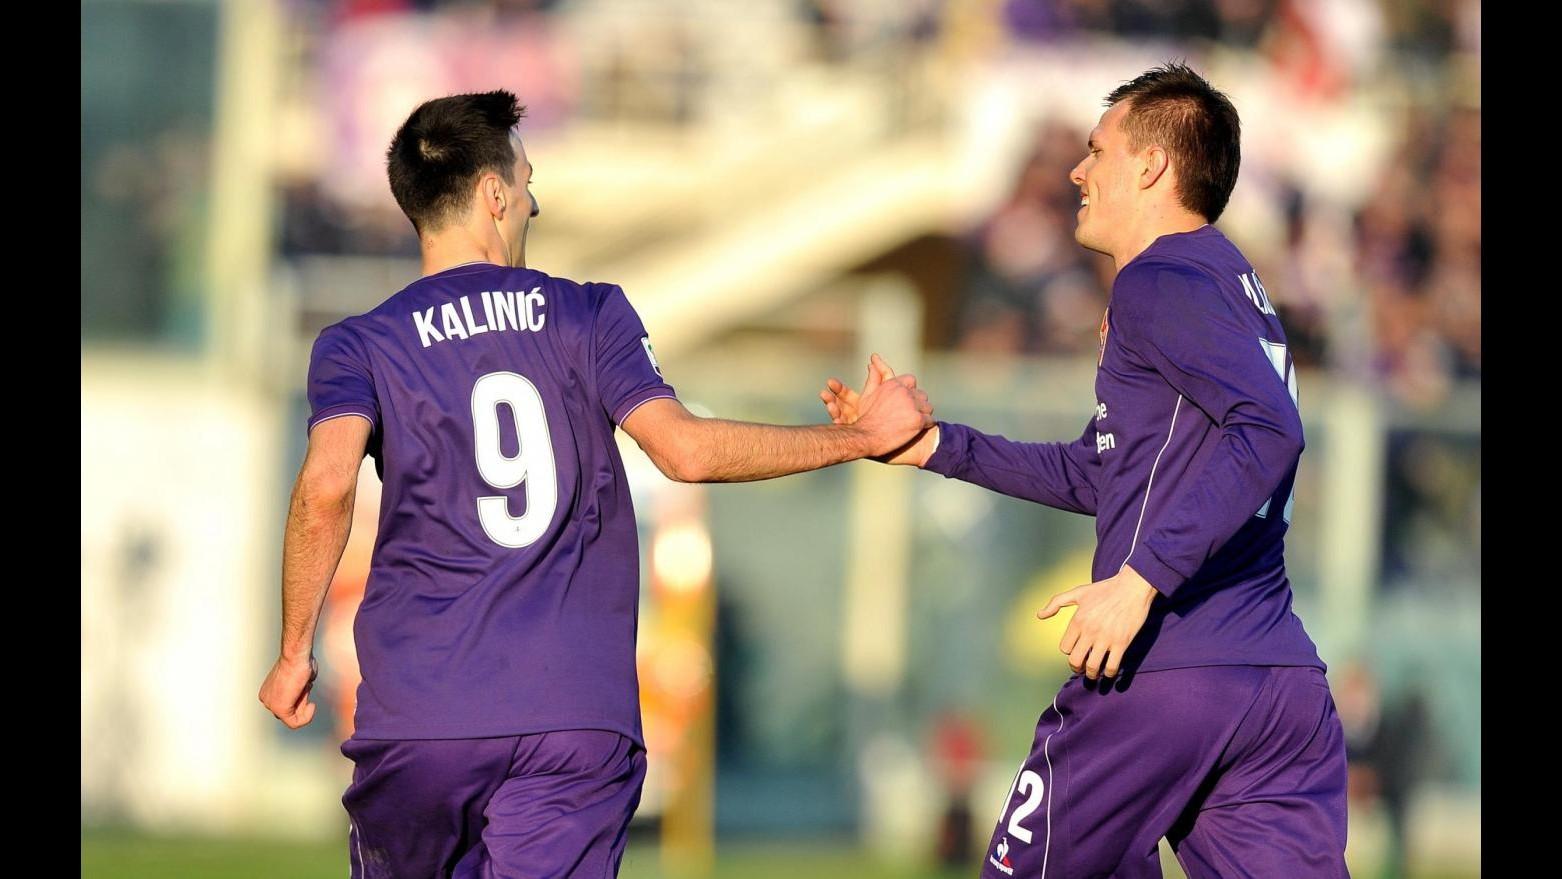 Serie A, Fiorentina torna a vincere: Kalinic-Ilicic stendono Chievo